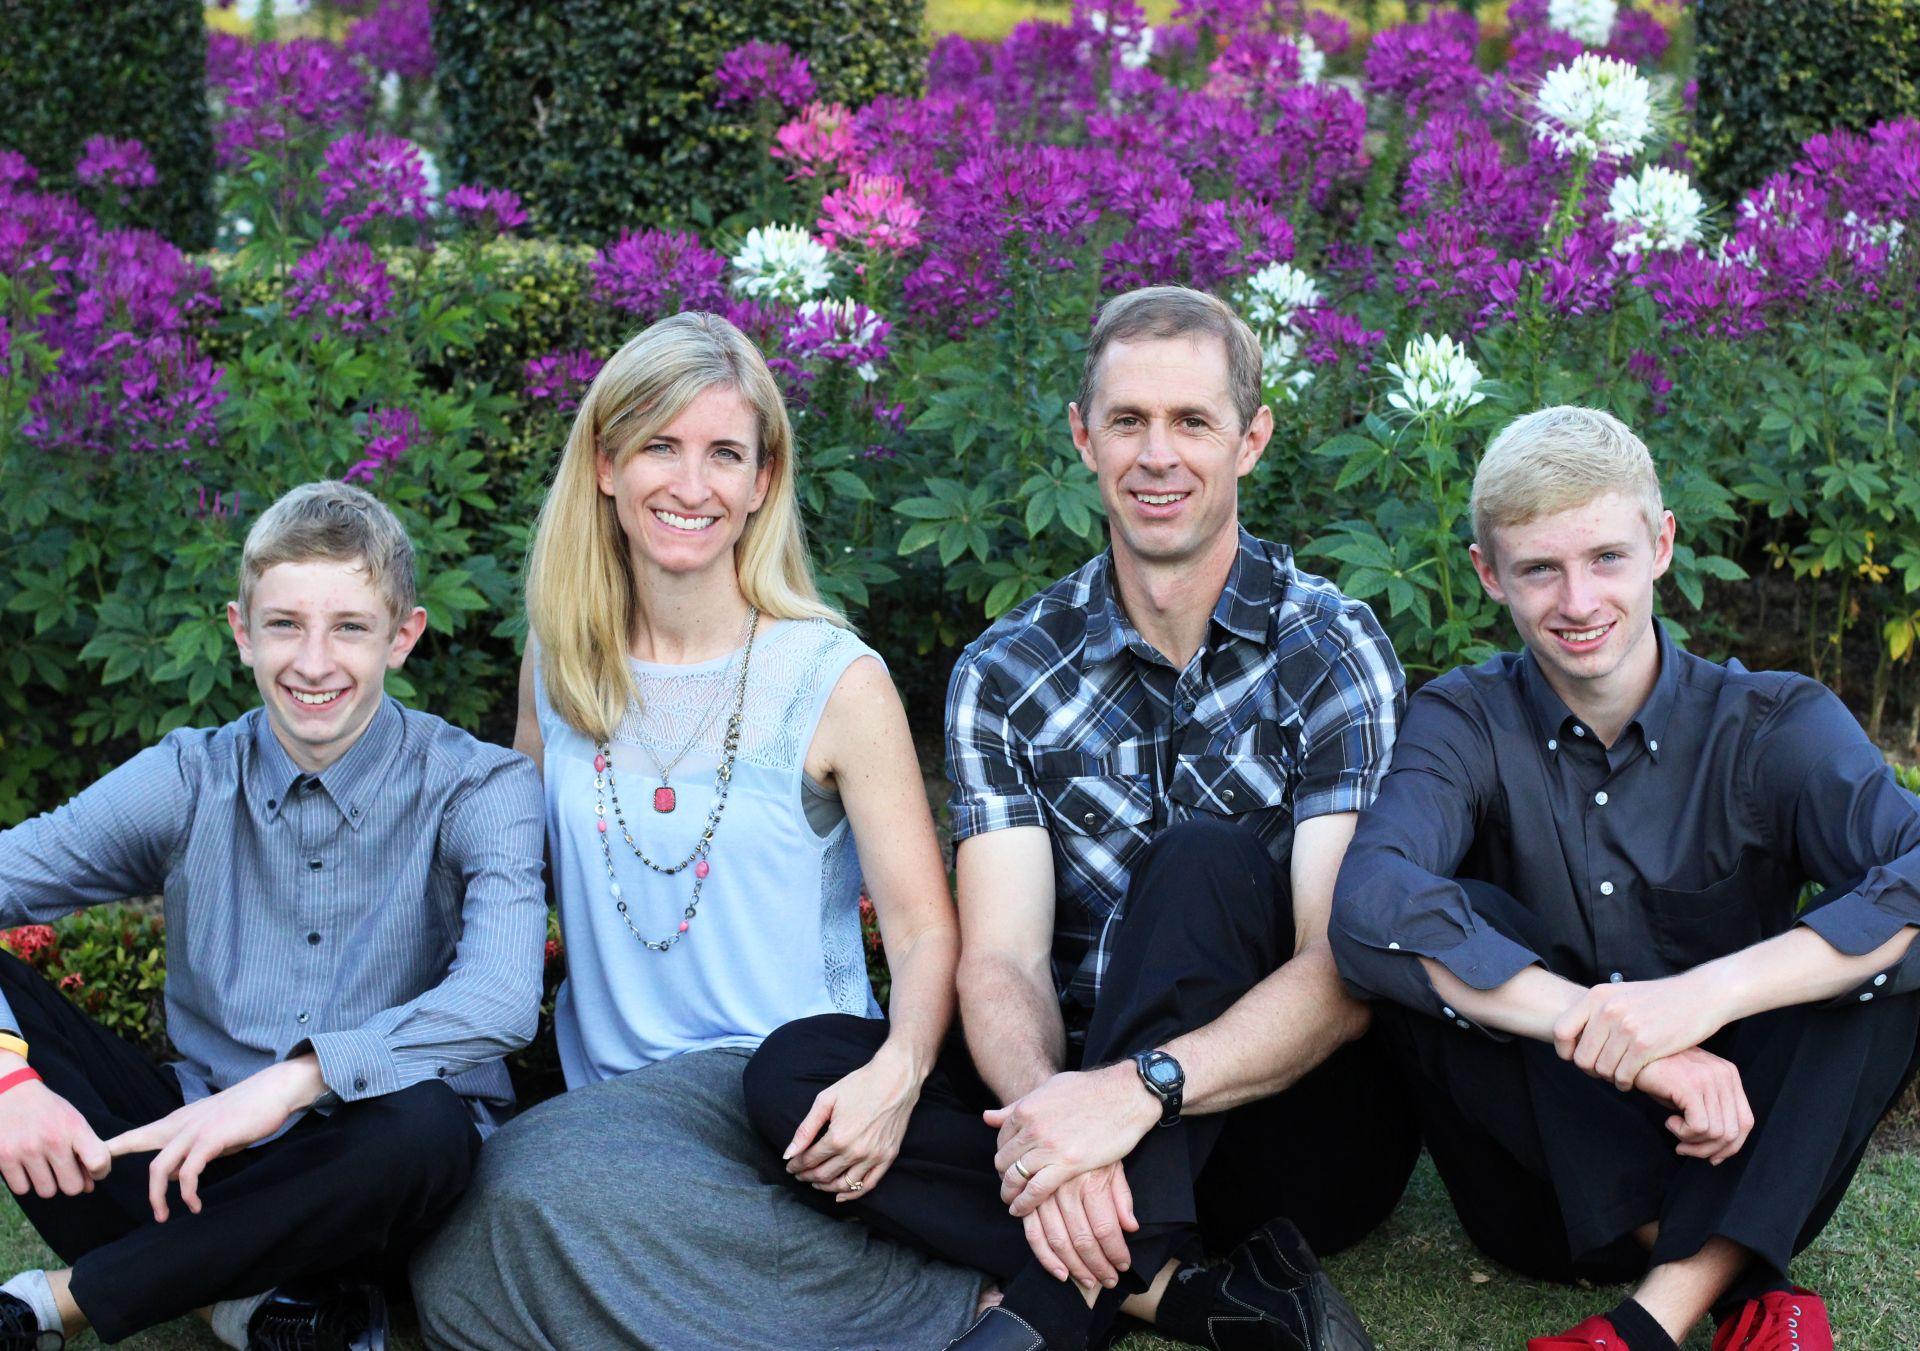 Ryan, Rebecca, Tyler and caleb - April 2015